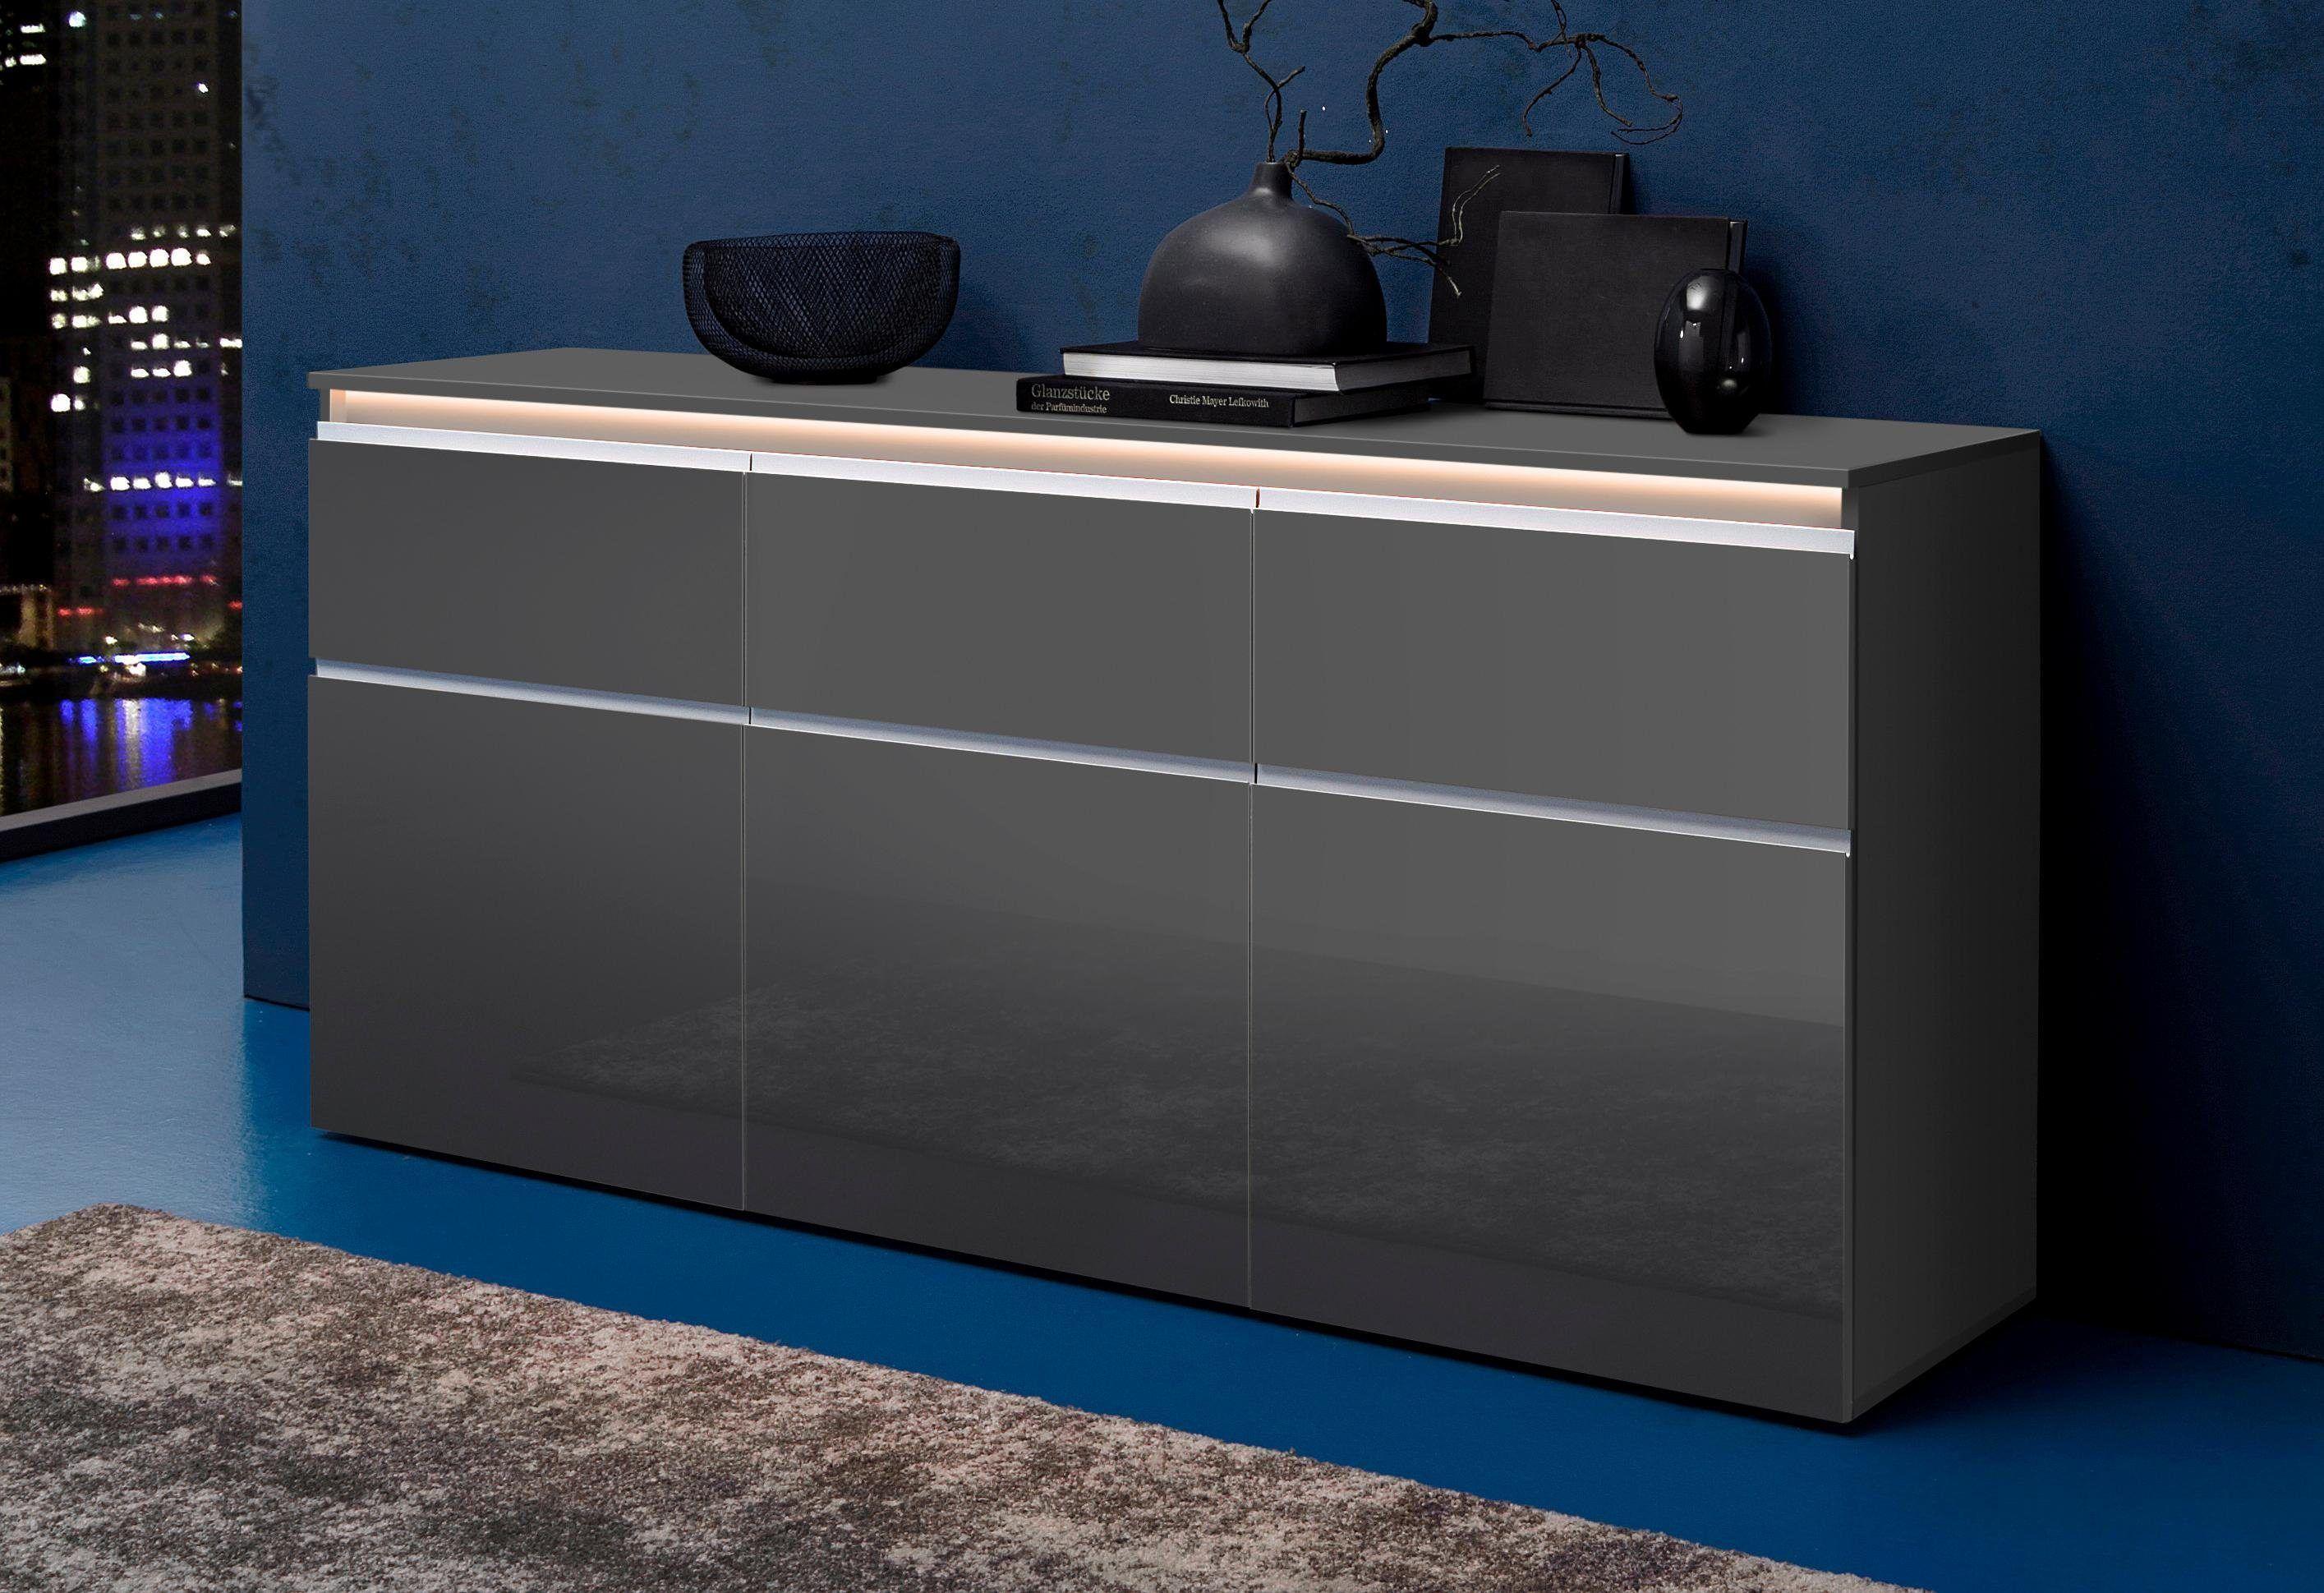 TECNOS Sideboard Grau Mit Schubksten FSCR Zertifiziert Jetzt Bestellen Unter Moebelladendirektde Wohnzimmer Schraenke Sideboards Uid5425bbda